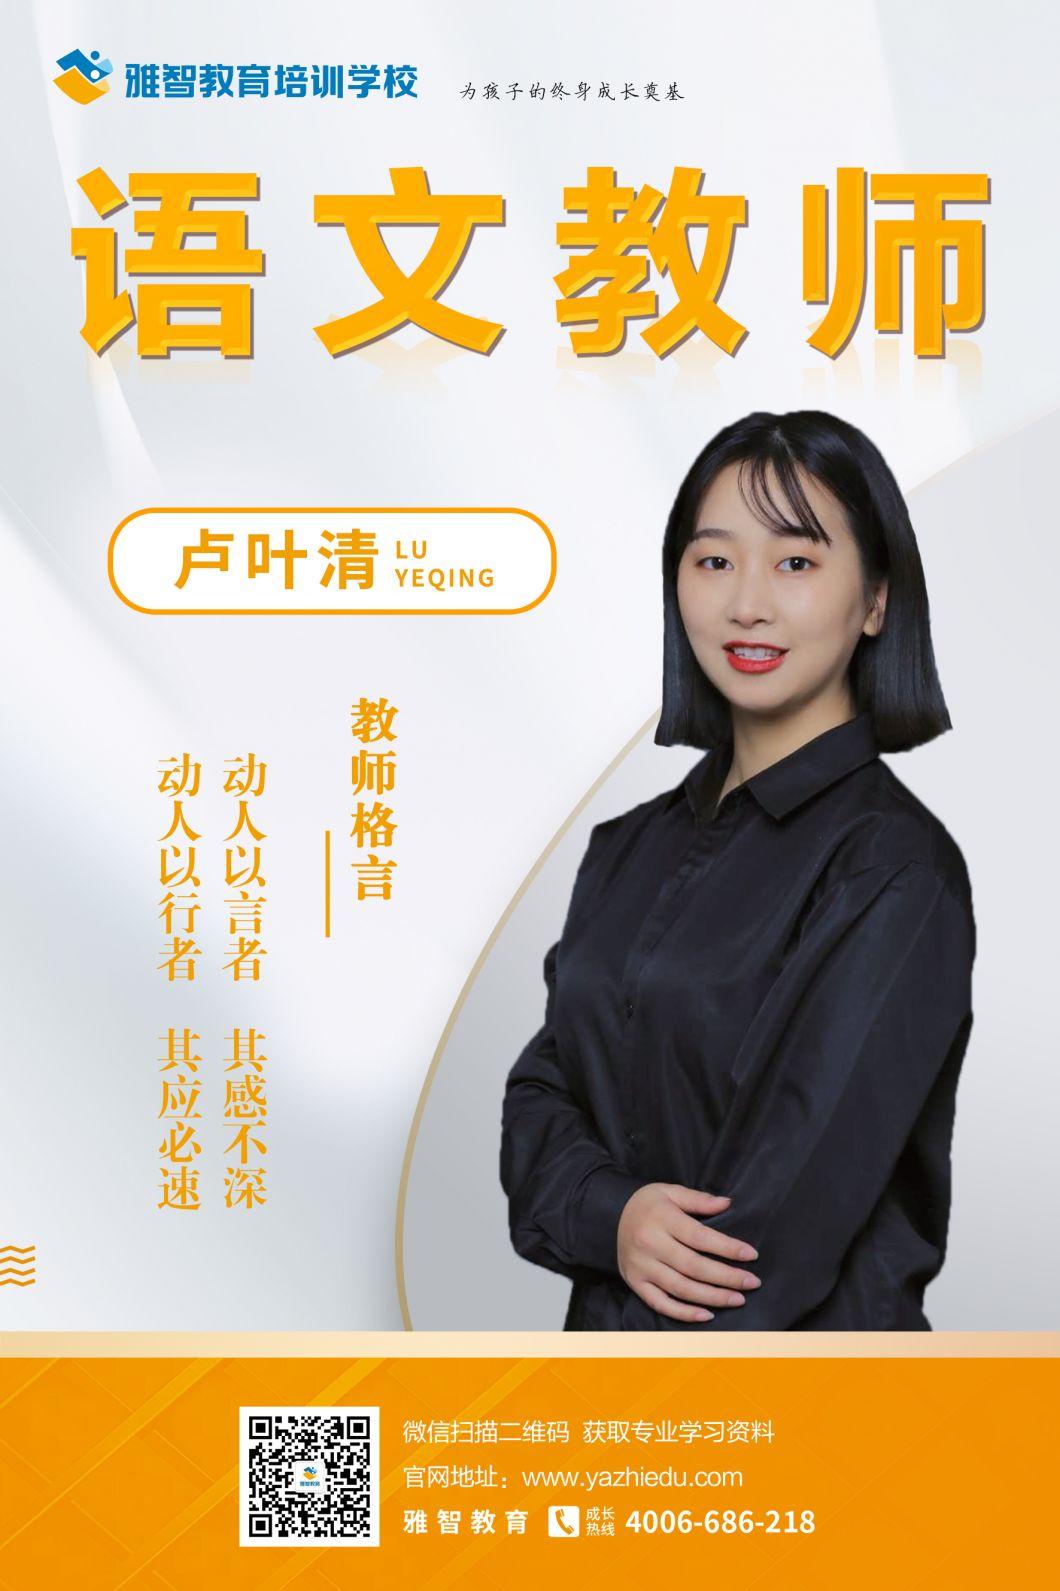 /uploads/image/2021/06/04/卢叶清.jpg